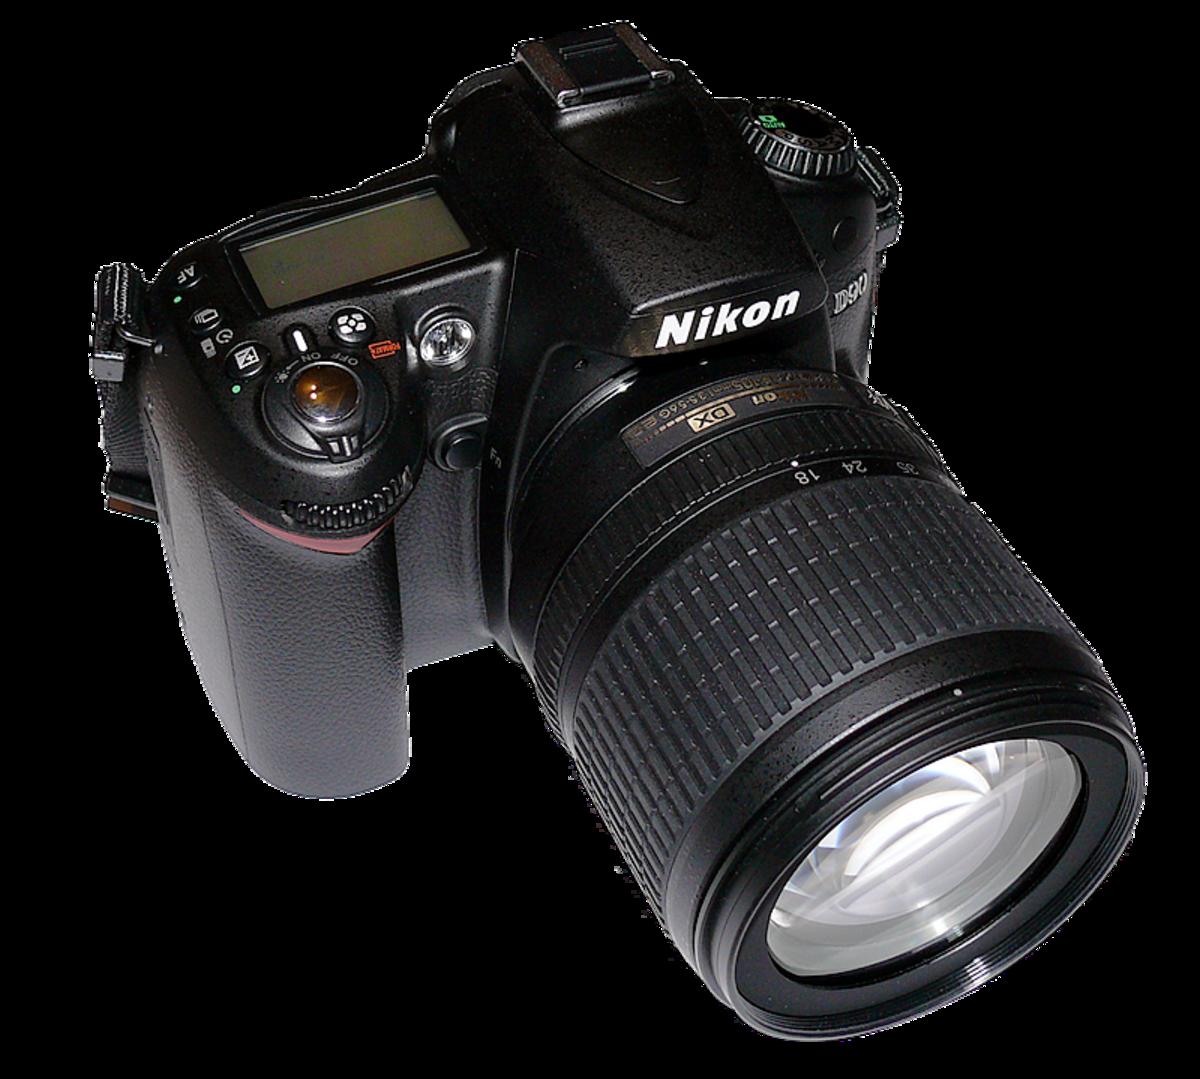 Get a Nikon D90 for under $300 on eBay